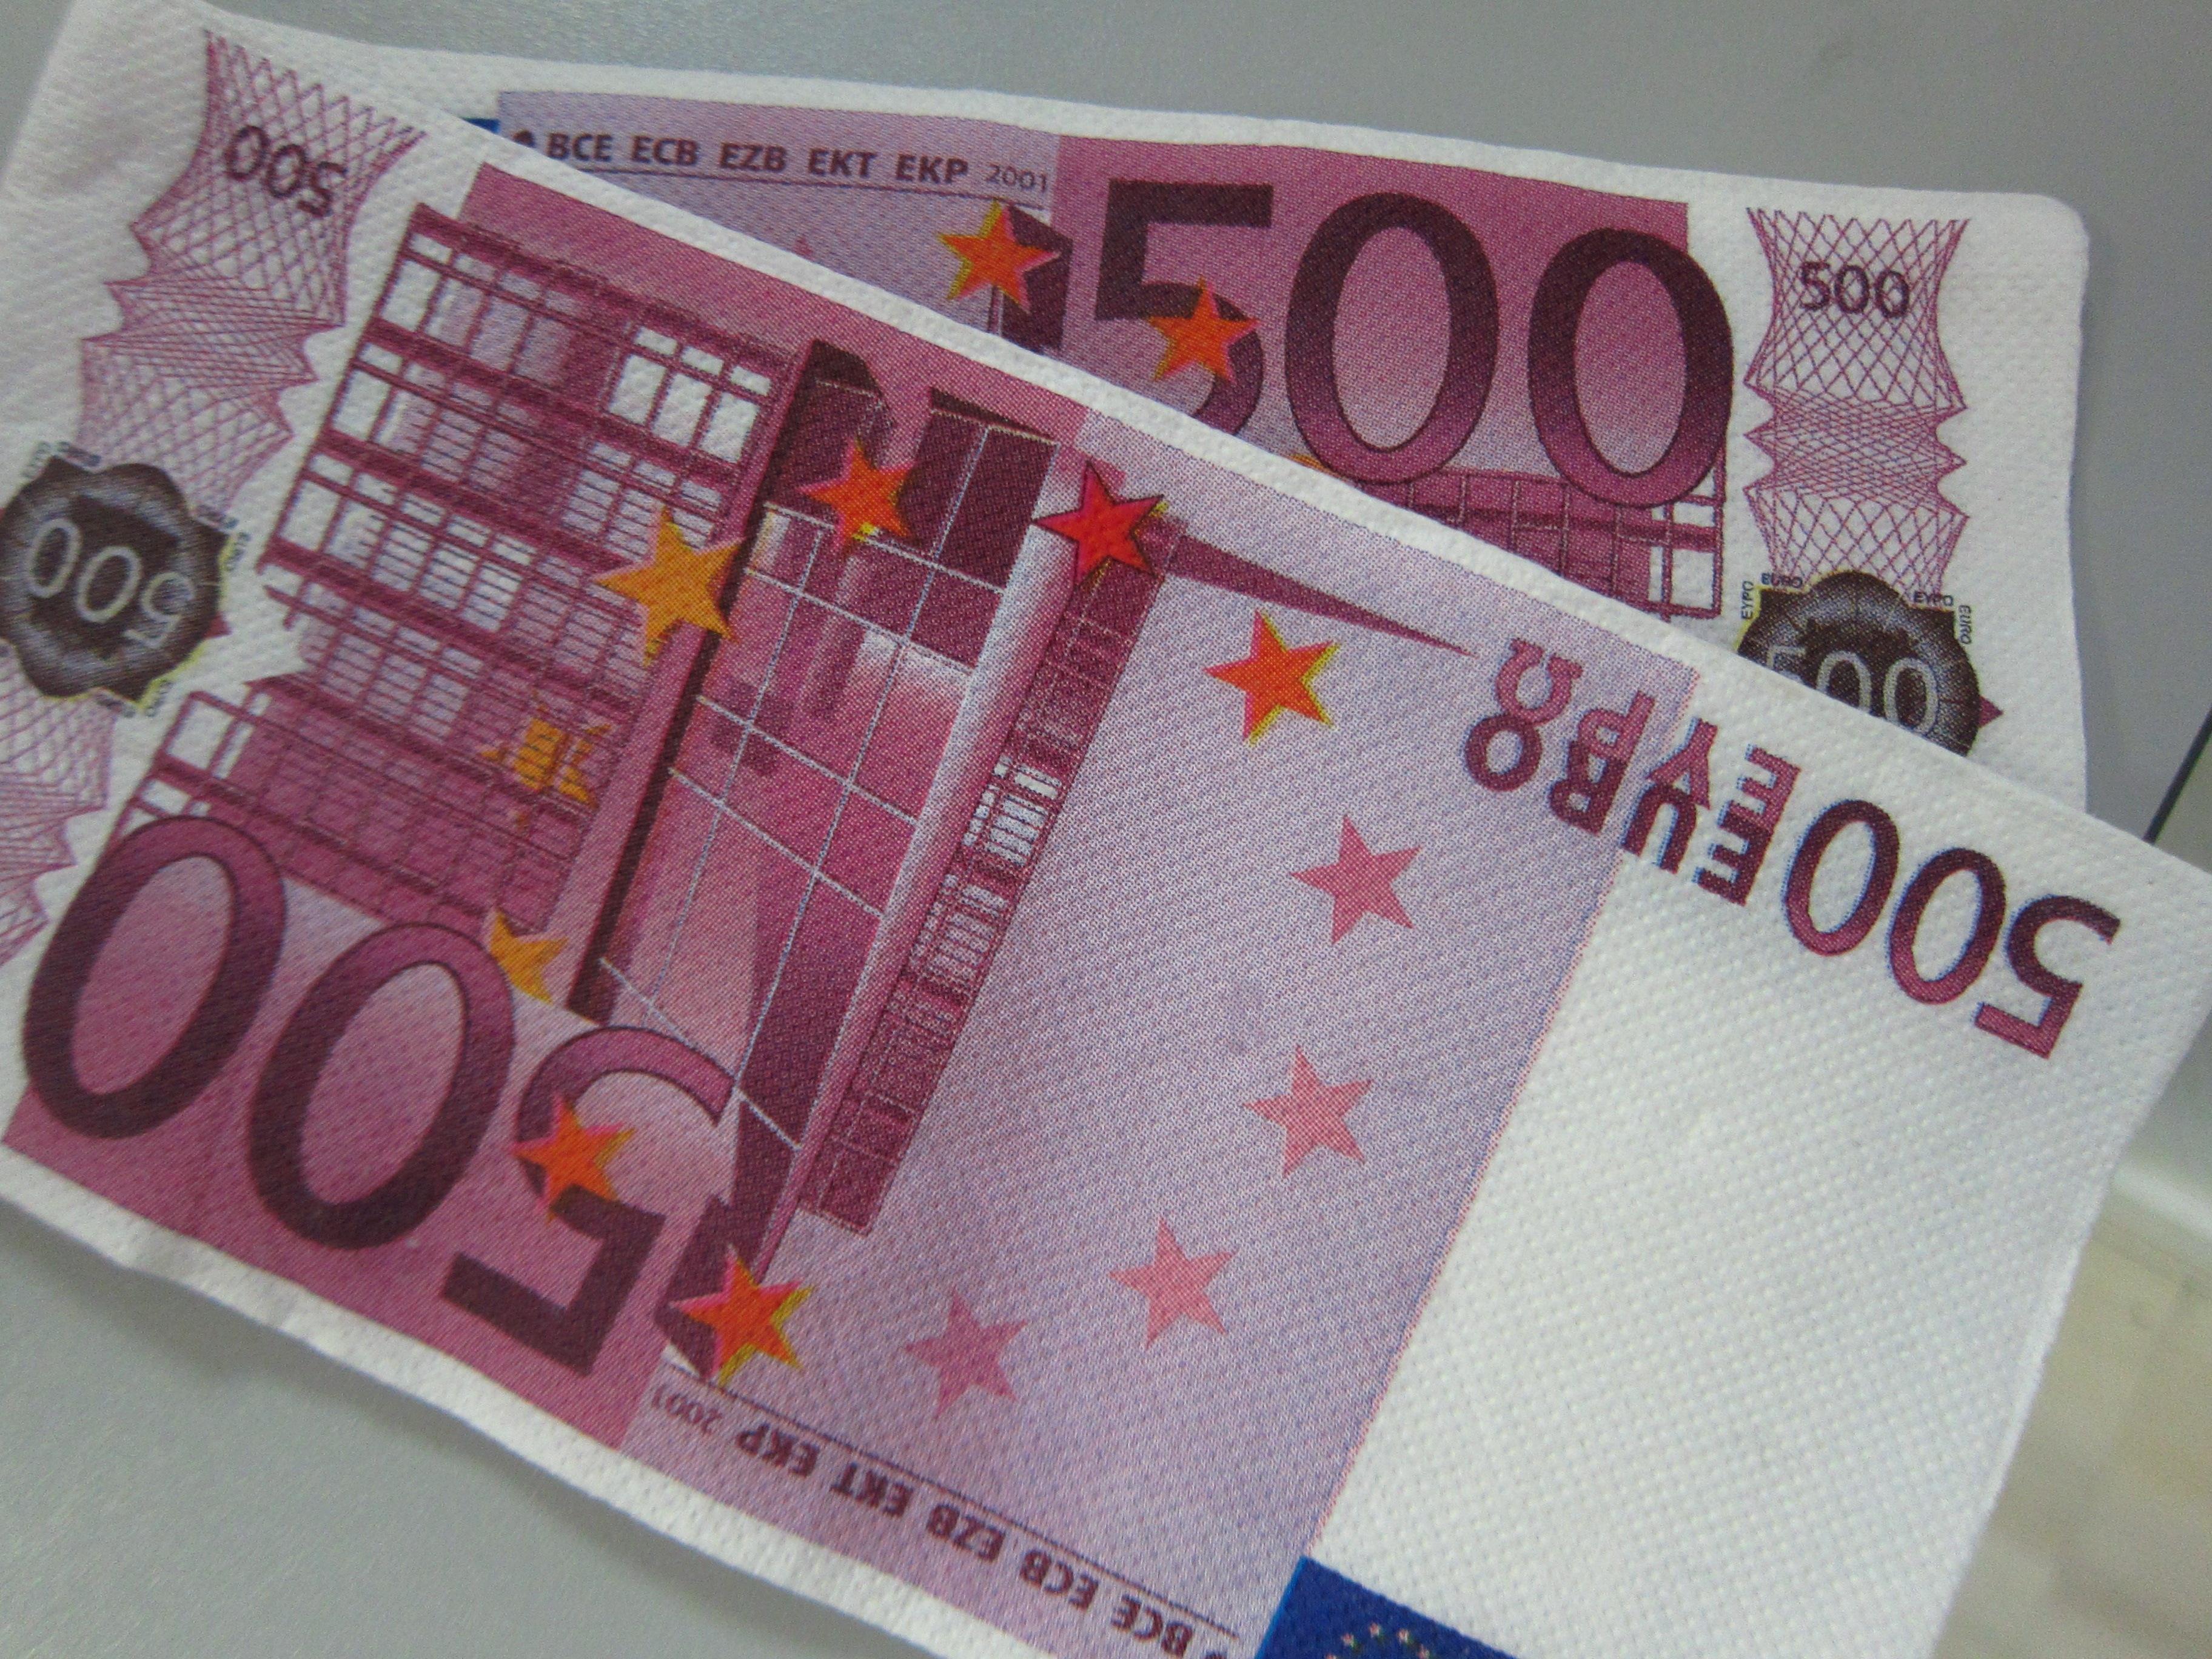 La deuda actual de La Rioja se sitúa en 1.104 millones de euros, según datos del Banco de España